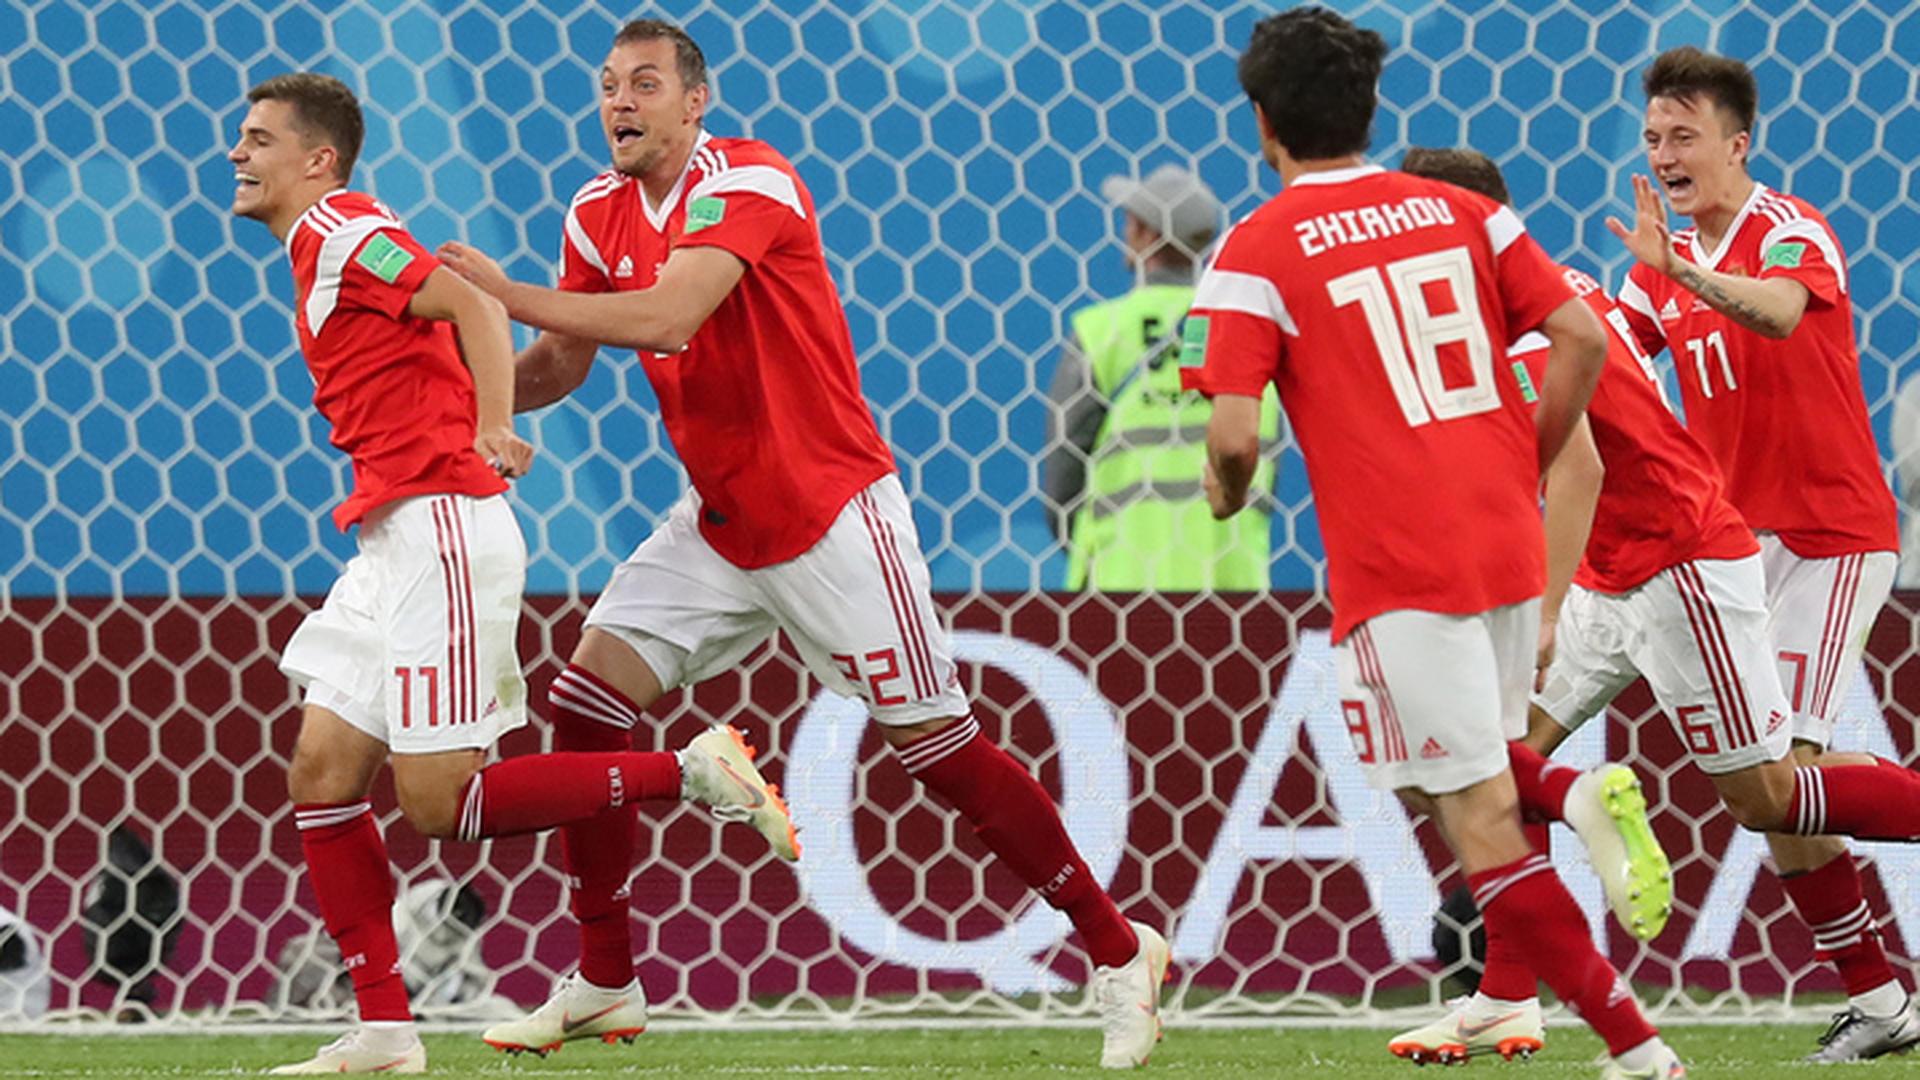 Британские журналисты запросили у ФИФА информацию о допинг-пробах сборной России